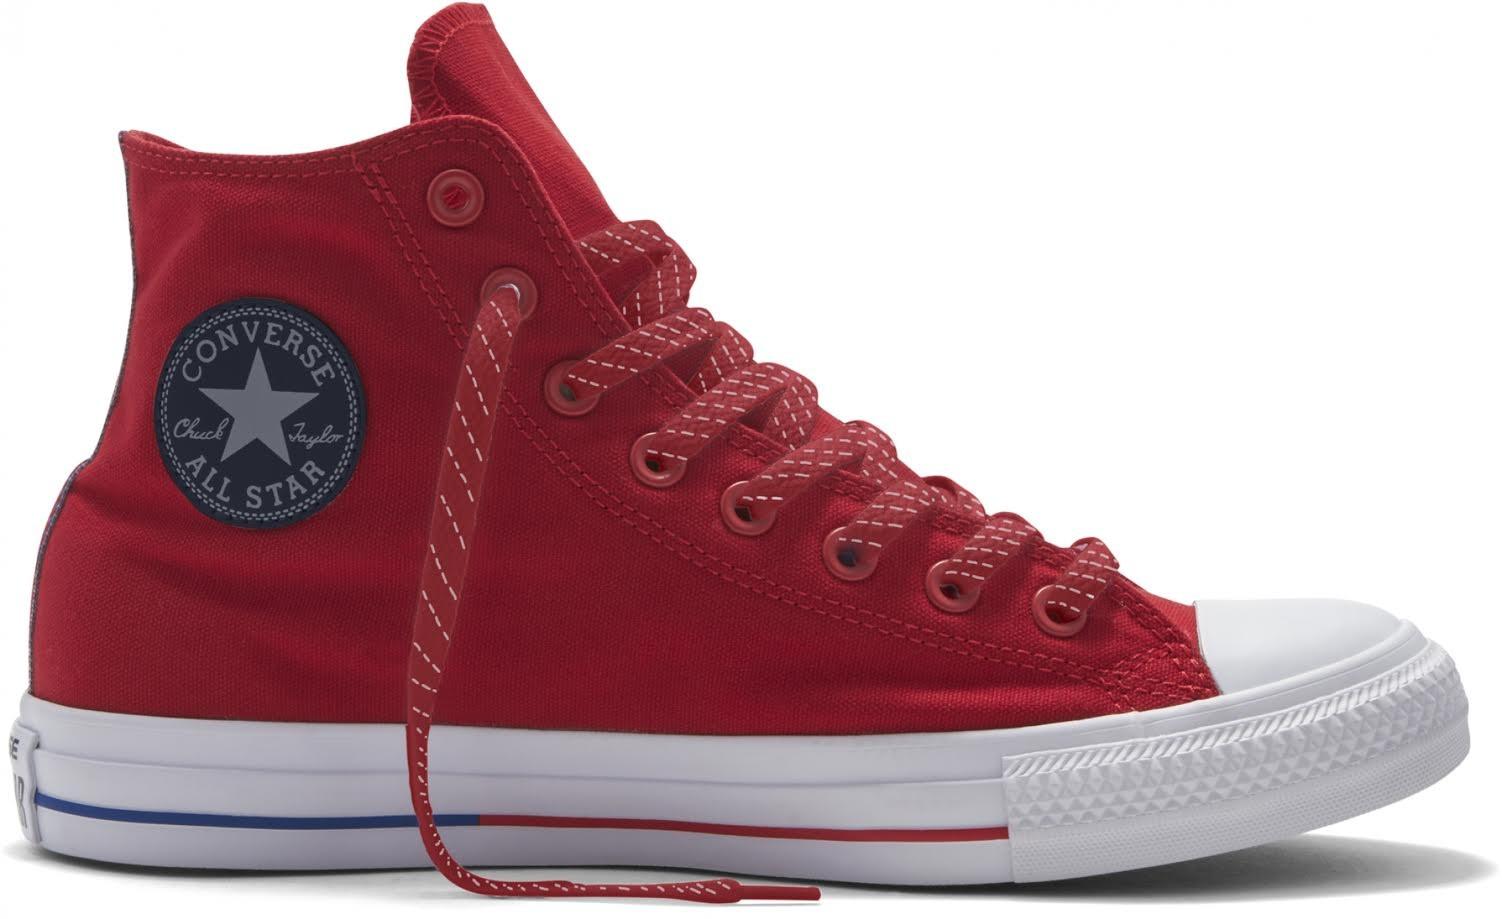 Unisex kotníkové boty Converse Chuck Taylor All Star červené - Glami.sk aa8c13241b